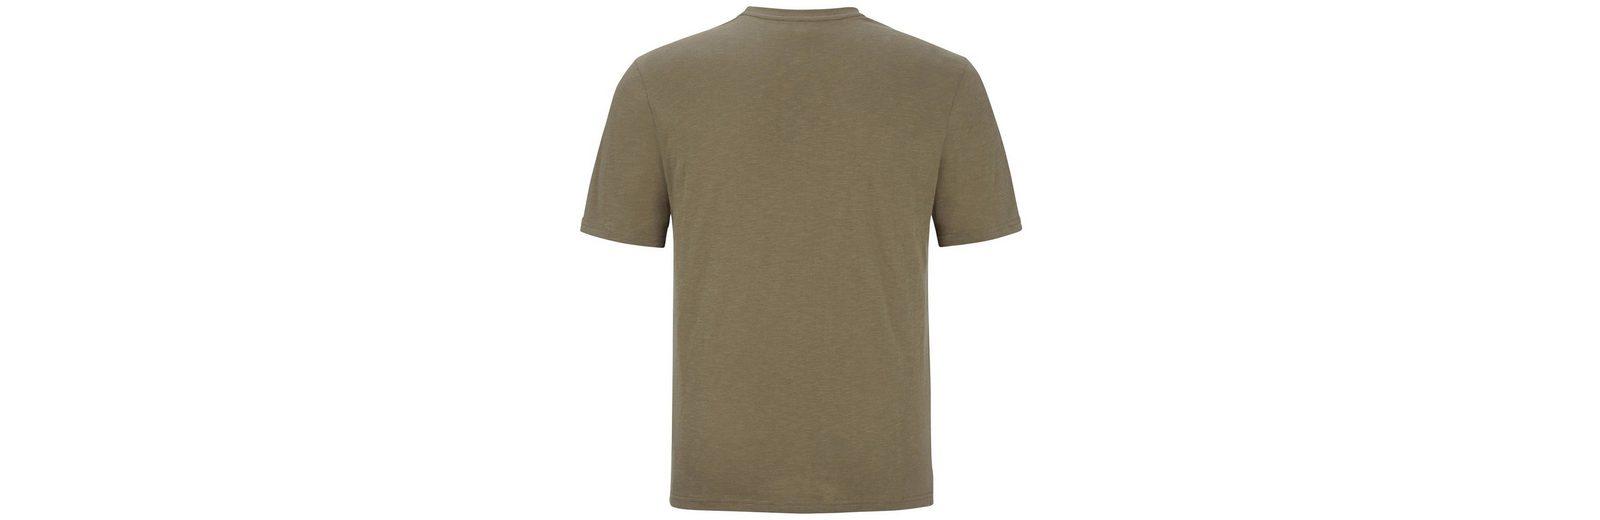 T Jan Jan shirt Vanderstorm Nikolavo Vanderstorm xPq7vwO